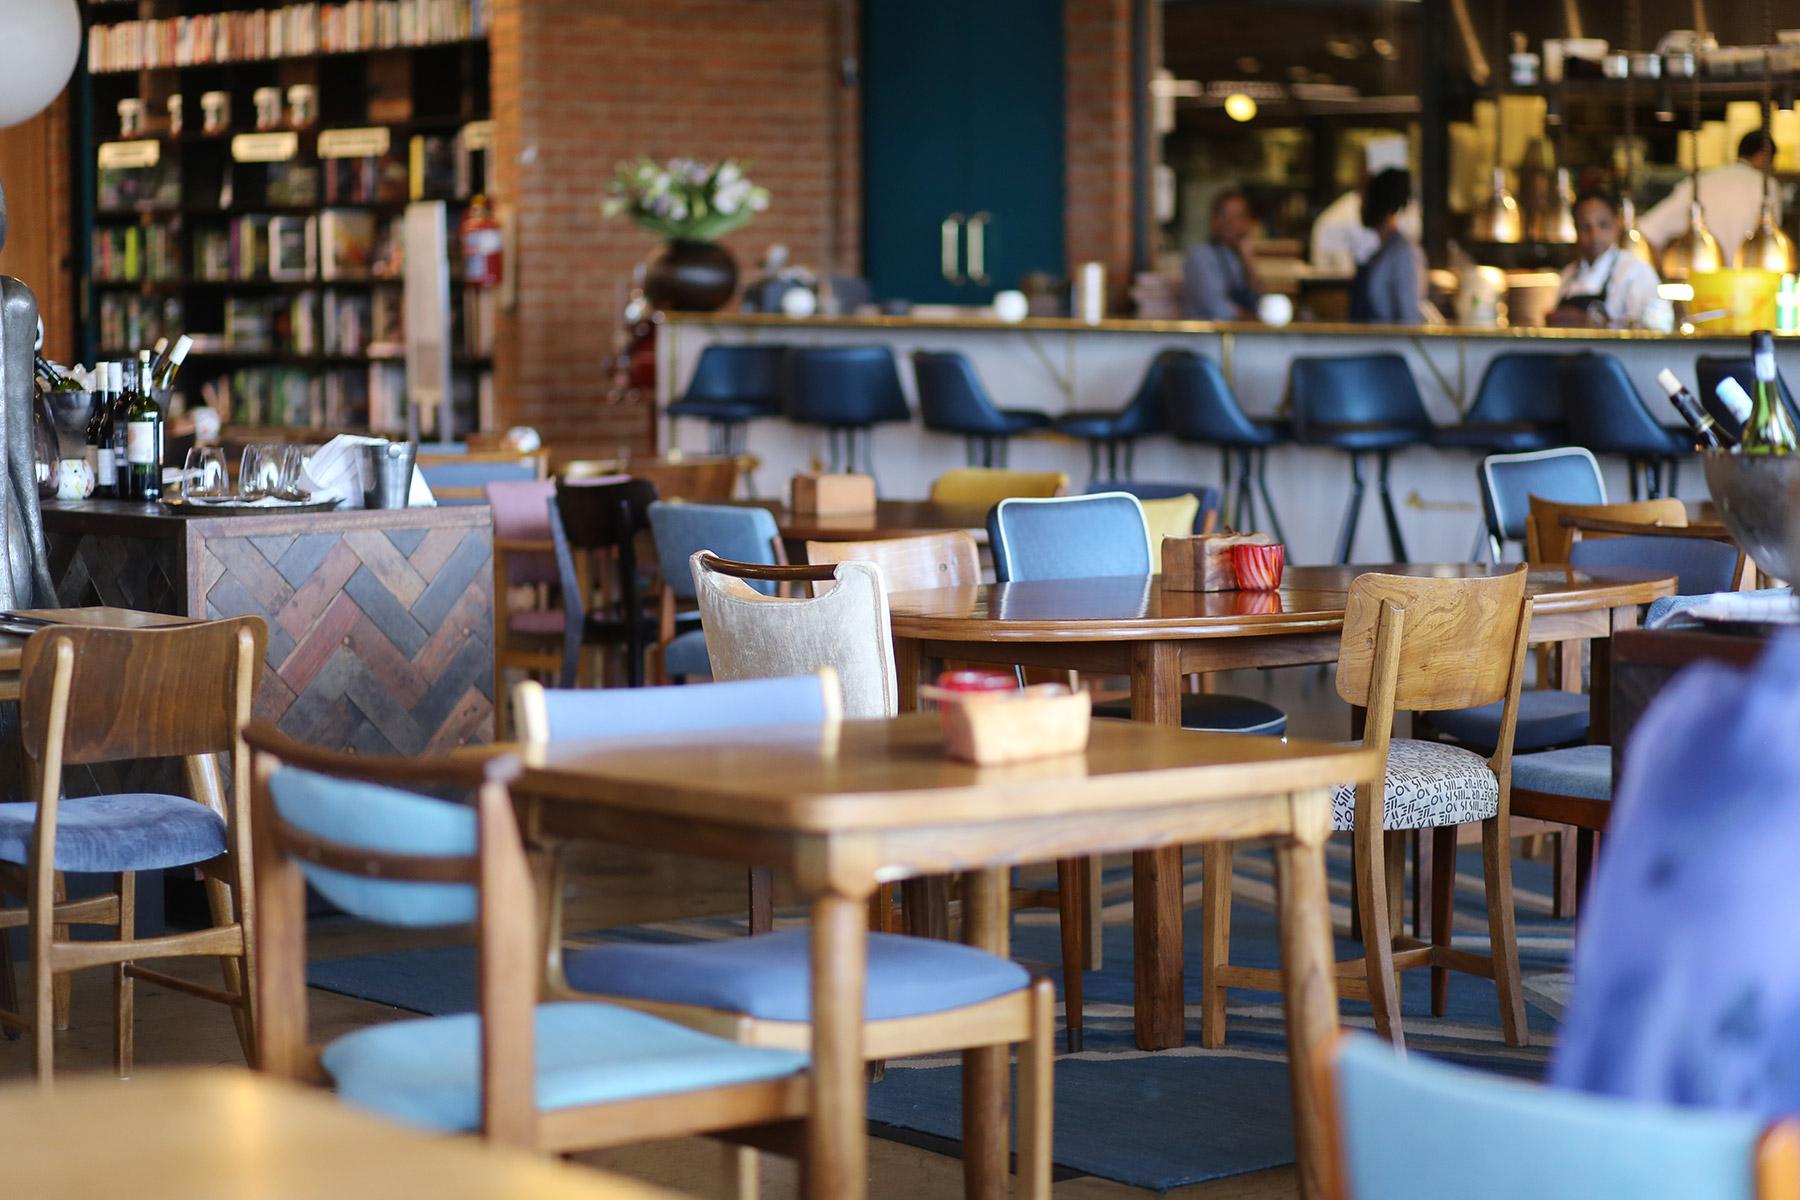 EB Social Kitchen and Bar